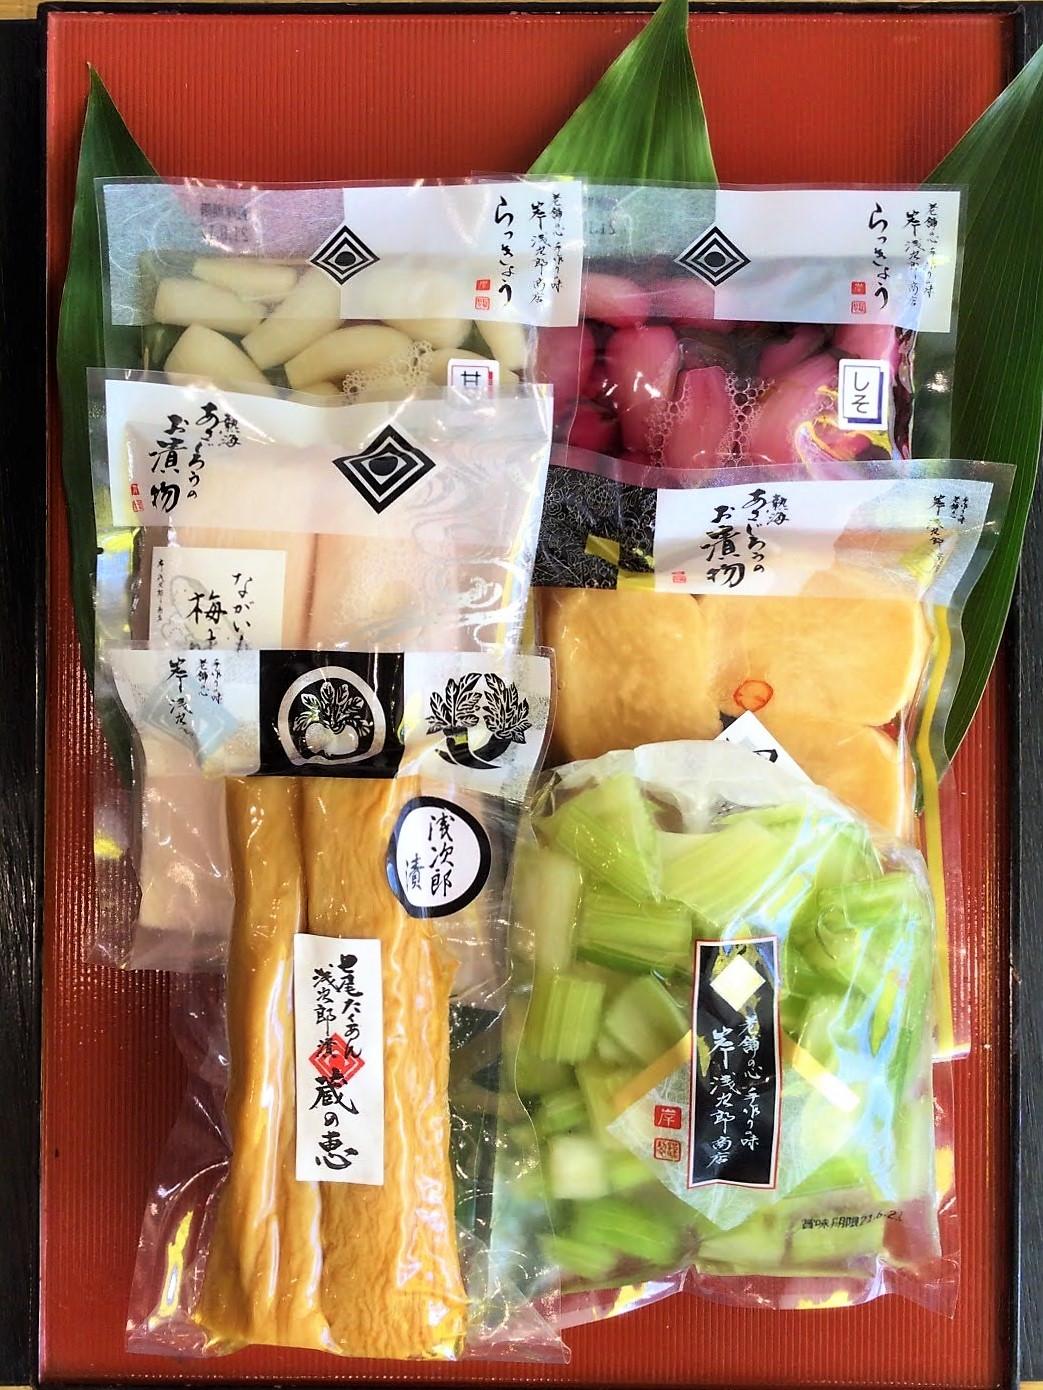 【オンラインショップ限定】七尾たくあん浅次郎漬ミニサイズと人気のお漬物セット B